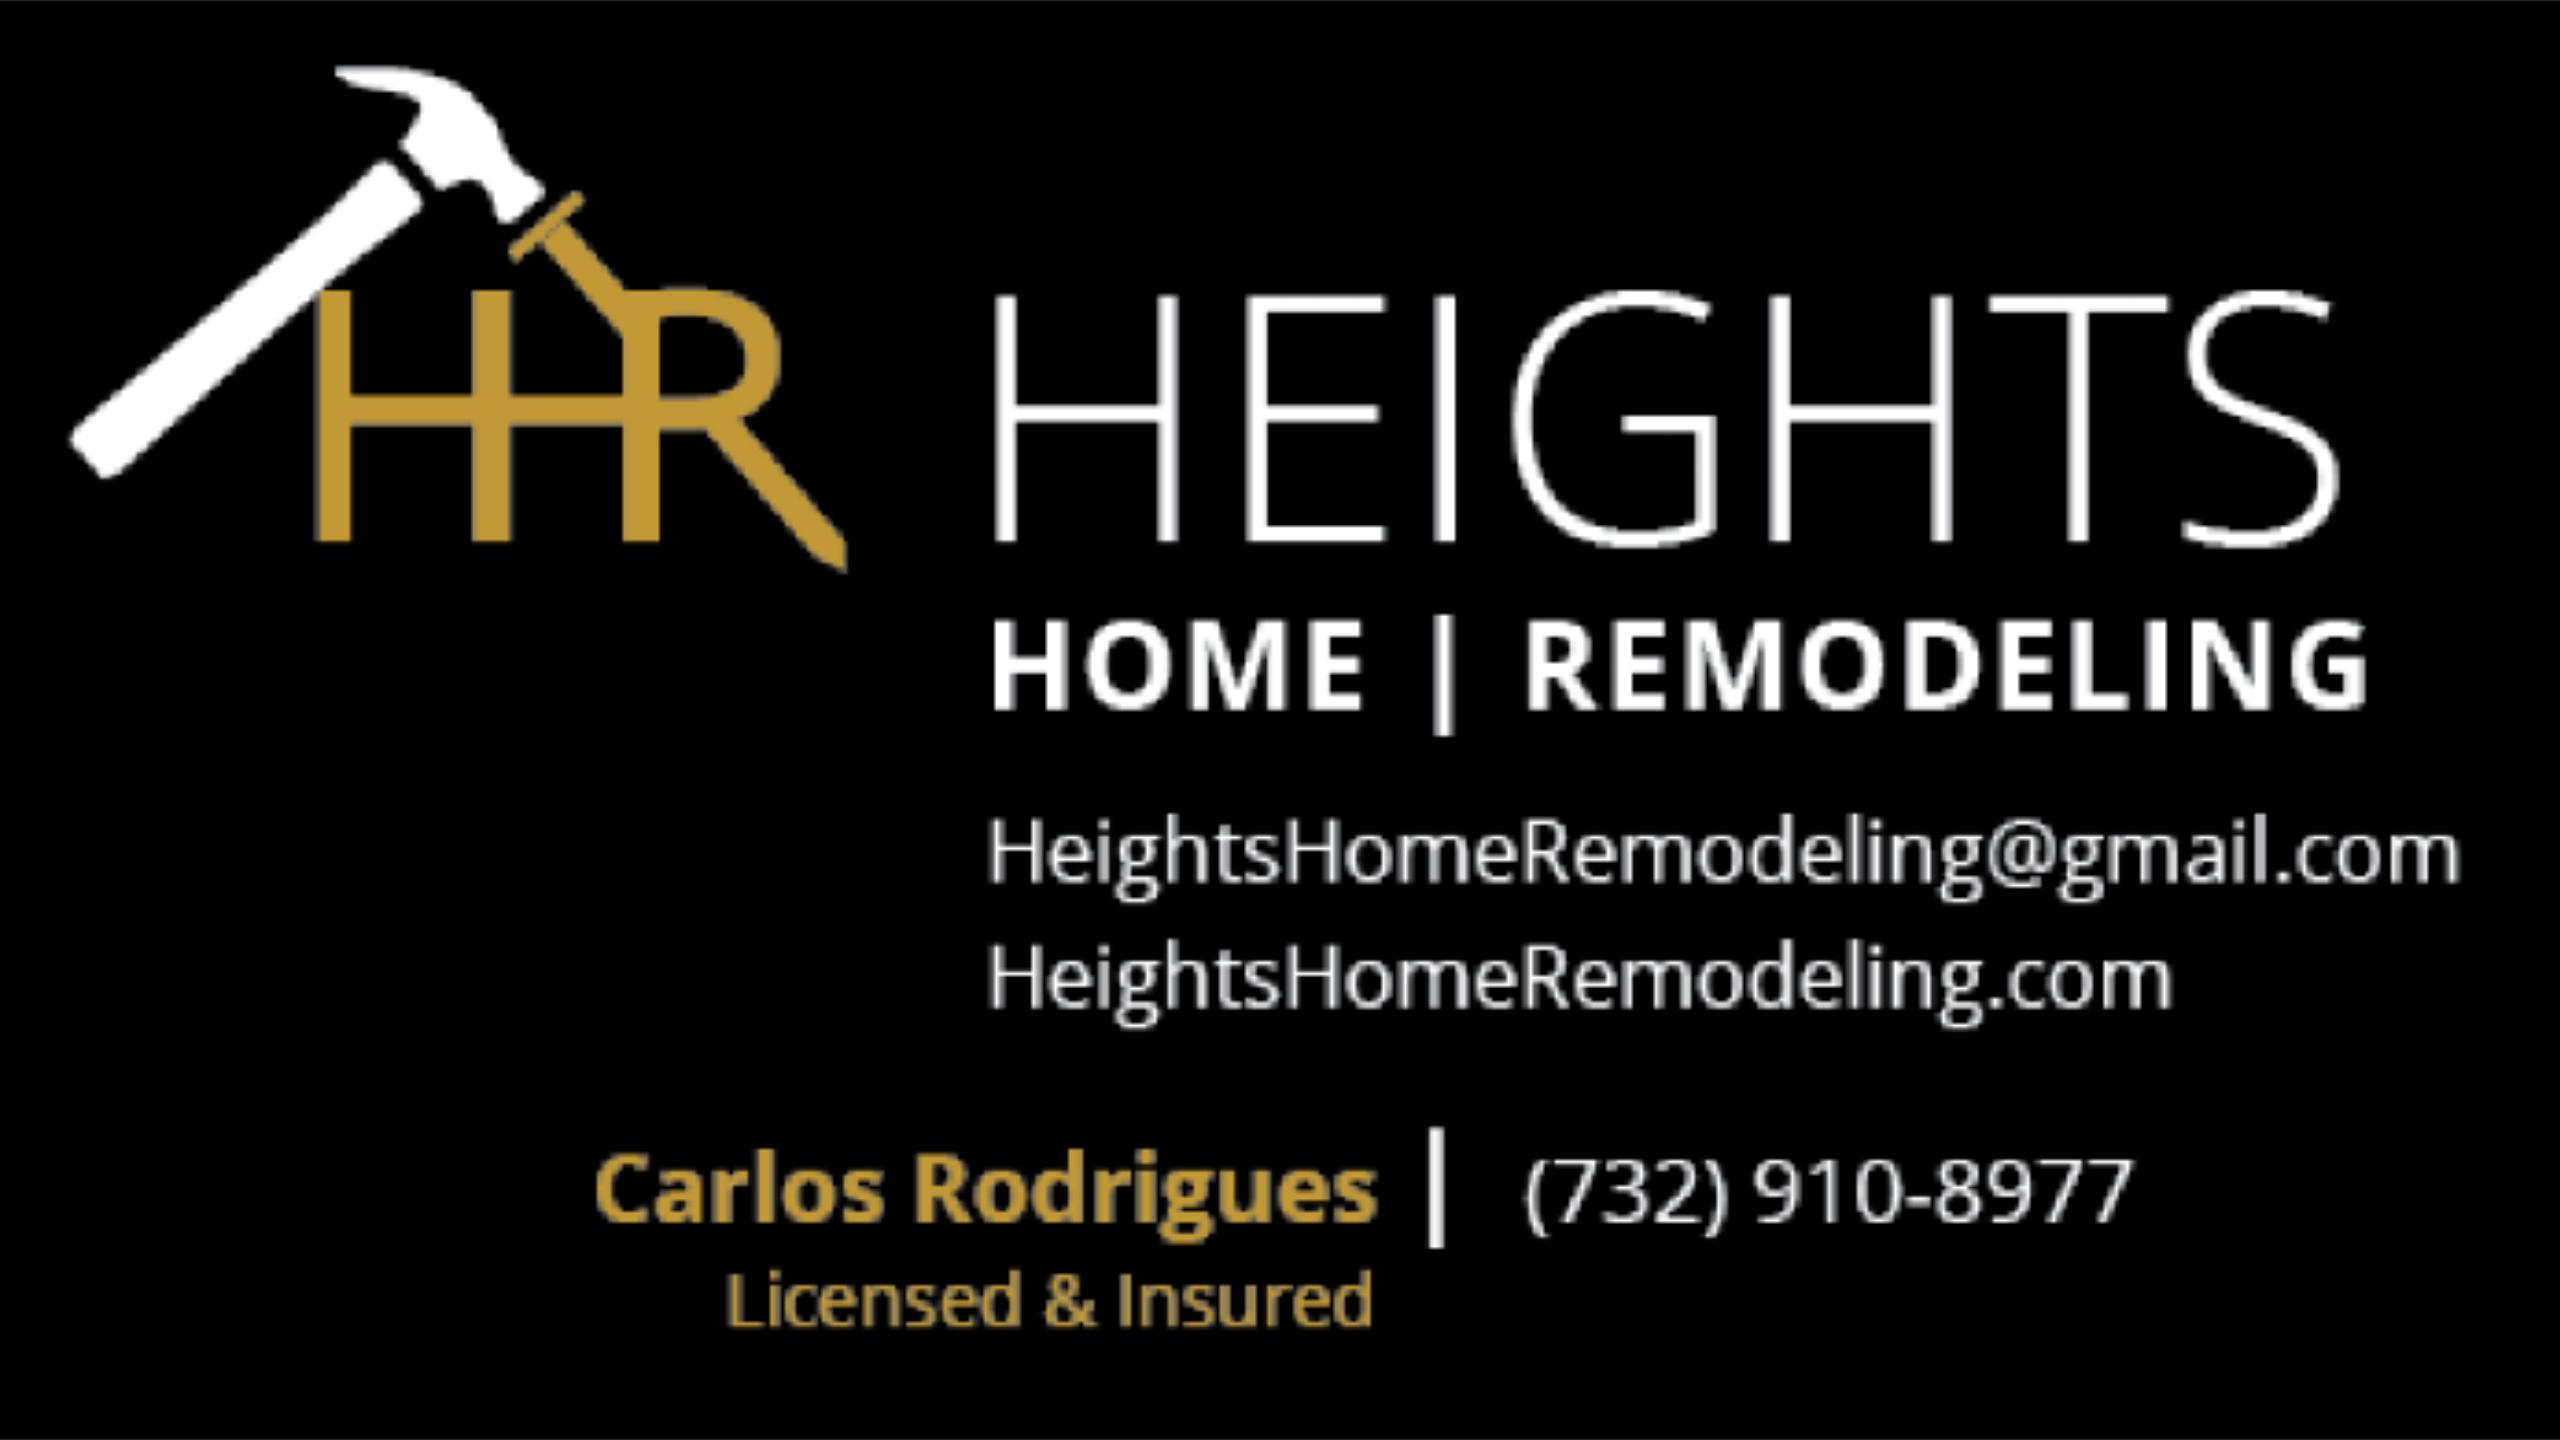 HeightsHomeRemodelingLogo2018.png